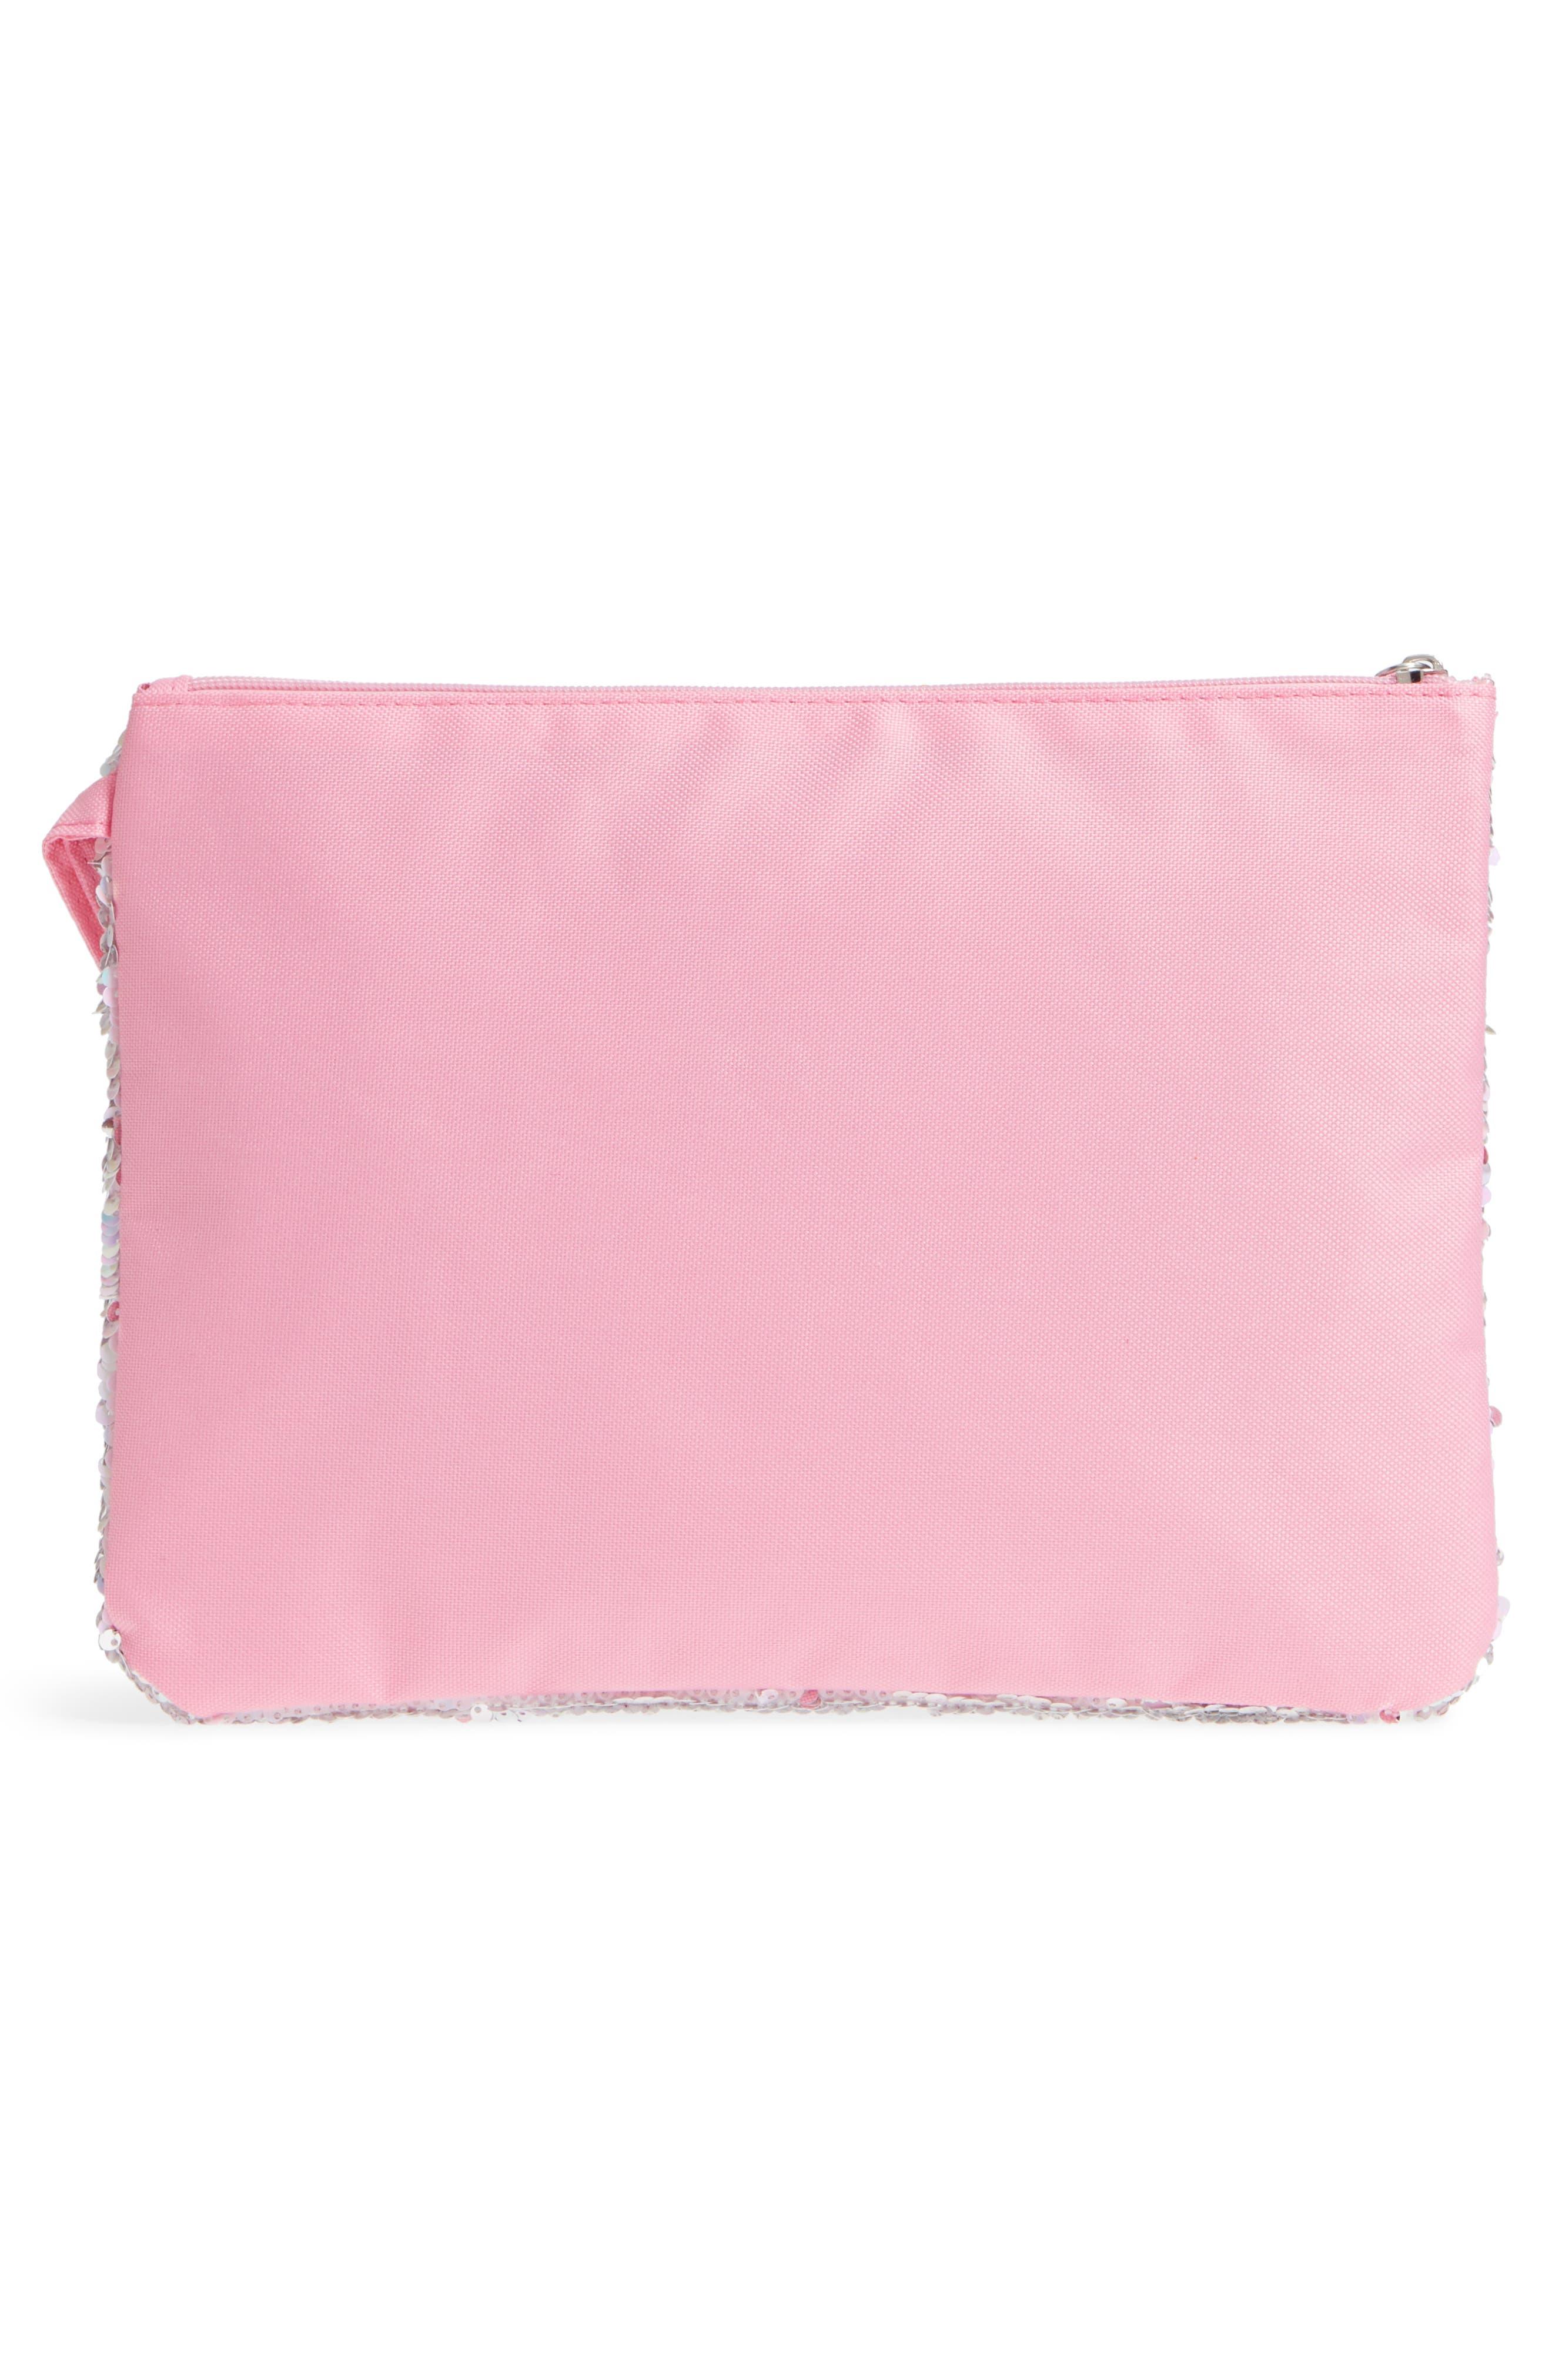 Sequin Bikini Bag,                             Alternate thumbnail 3, color,                             Pink Combo